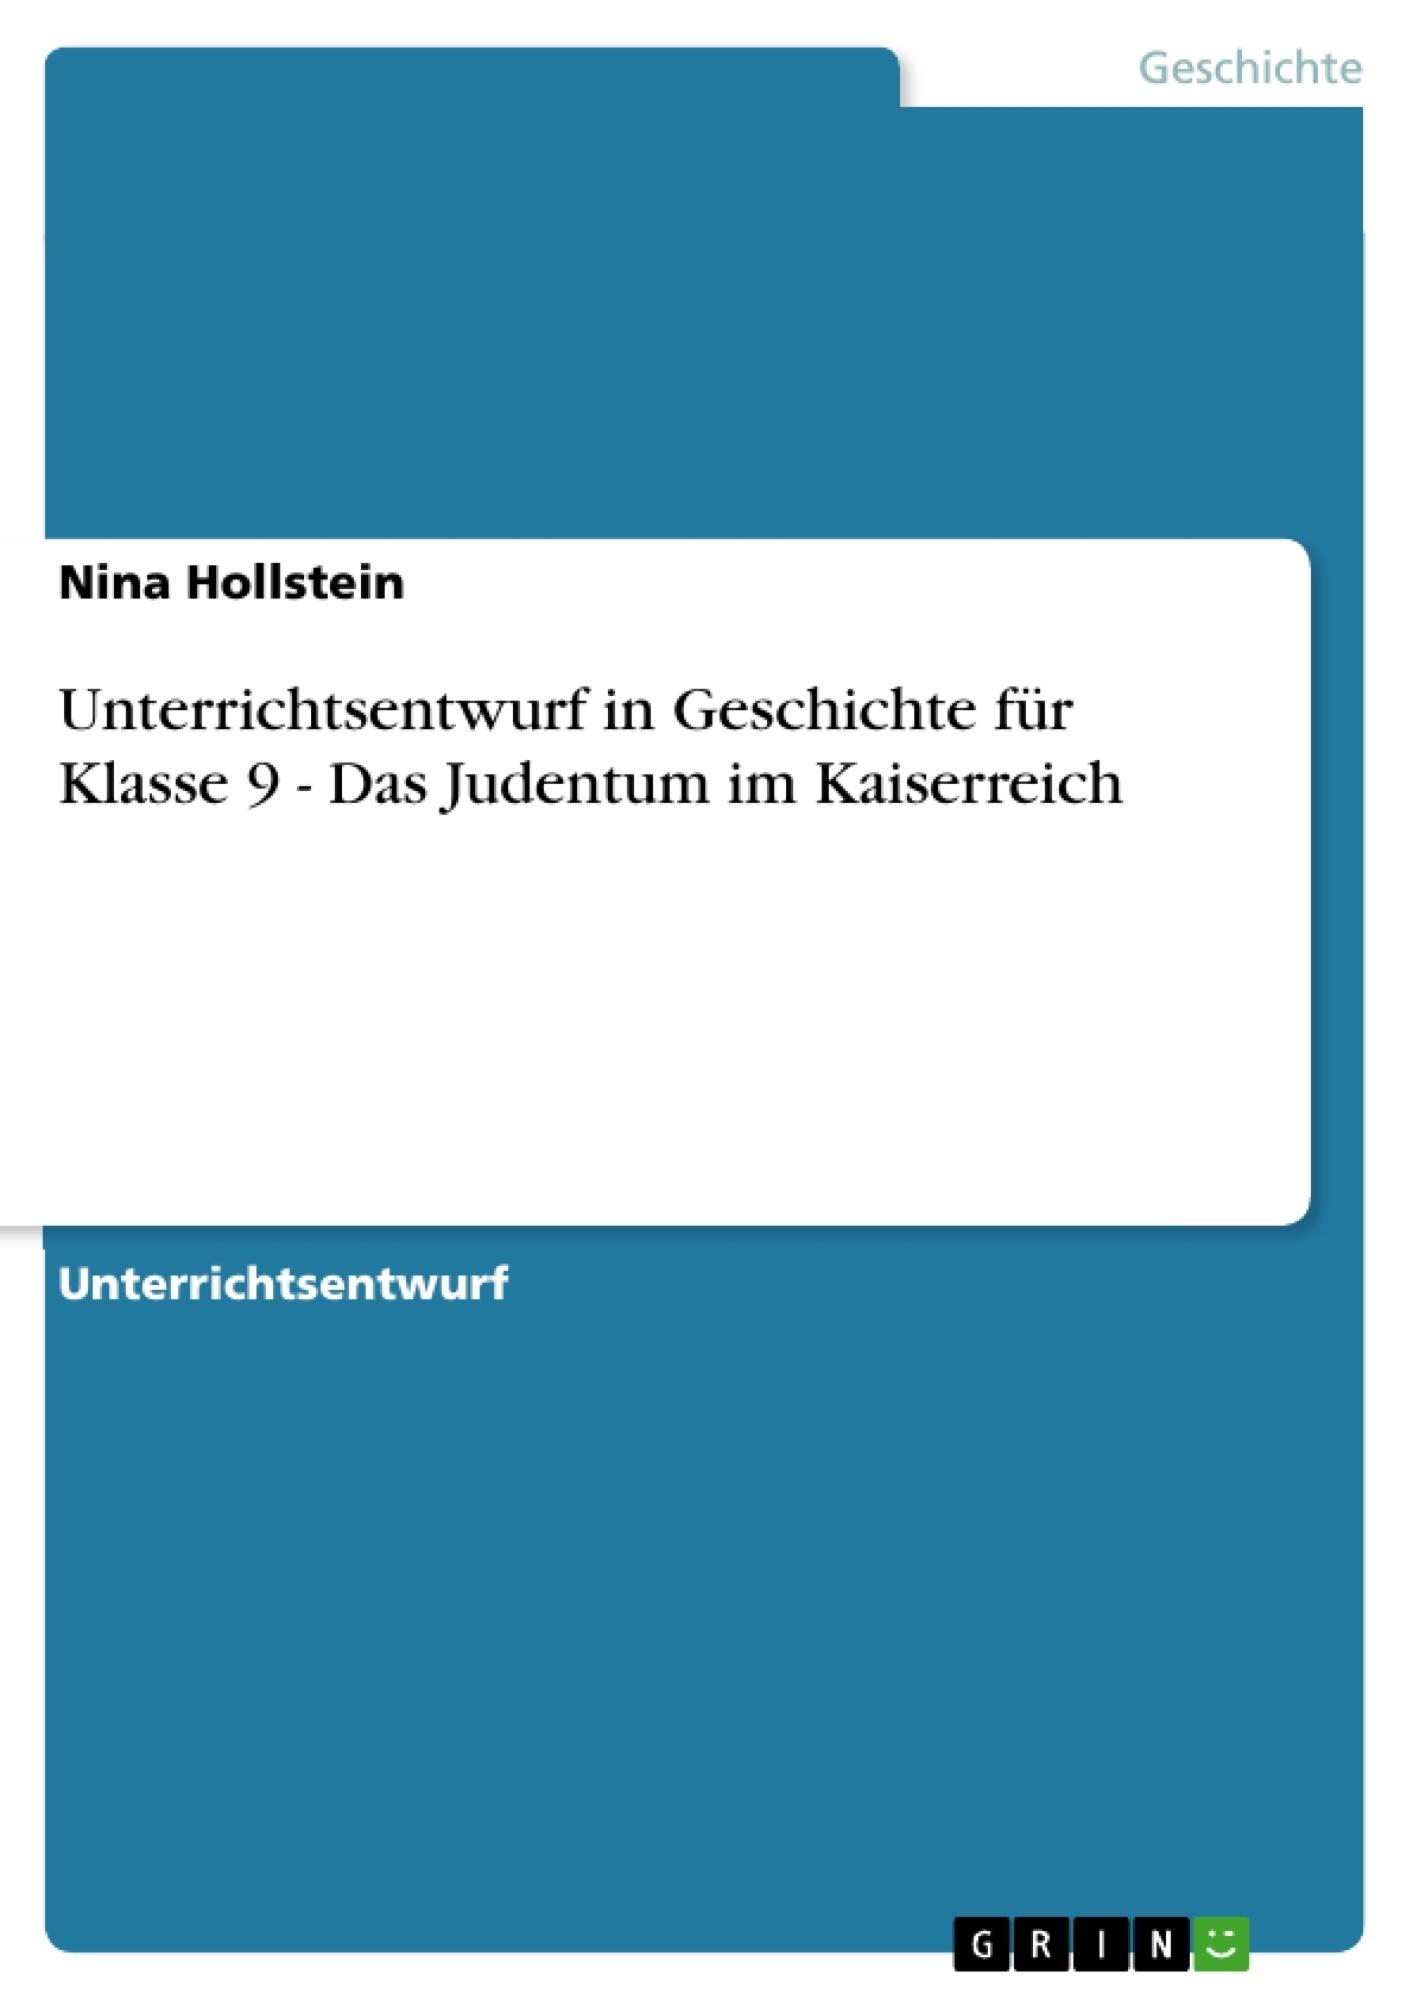 Titel: Unterrichtsentwurf in Geschichte für Klasse 9 - Das Judentum im Kaiserreich